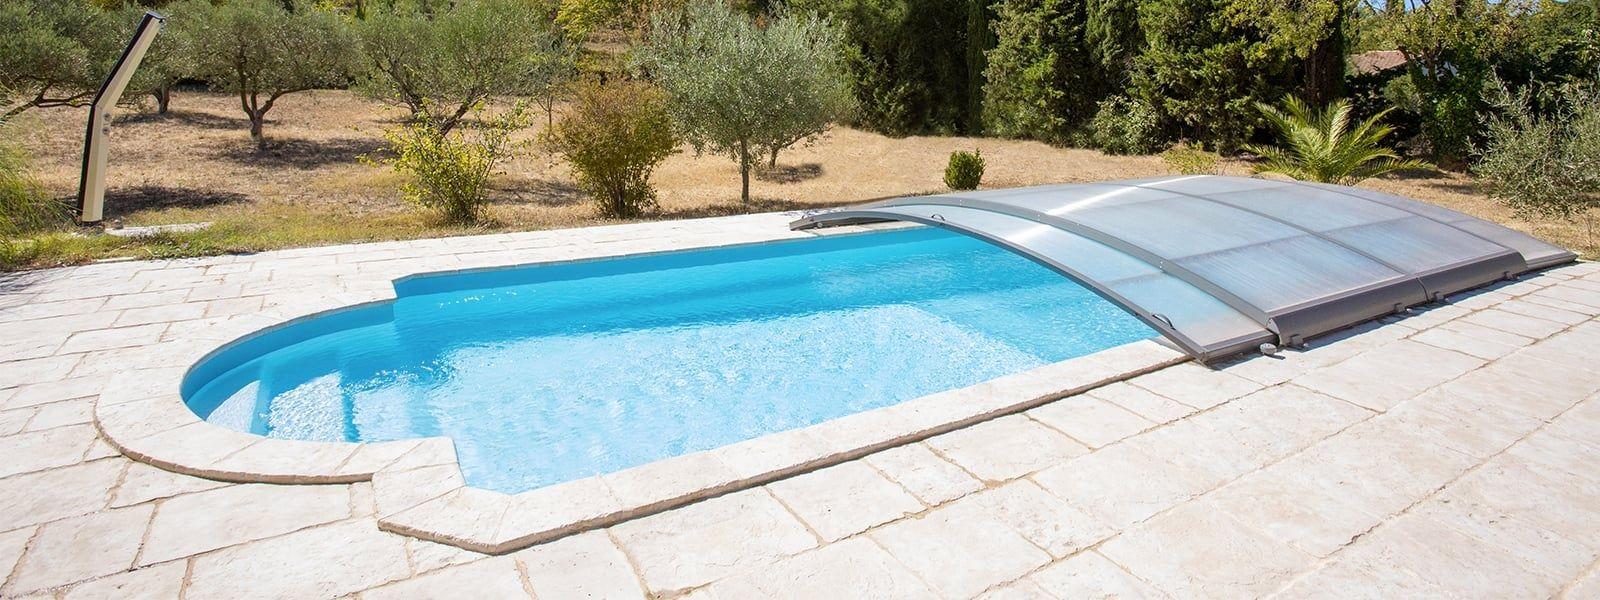 Constructeur De Piscine Paris abris piscine ultra bas | abri piscine abrisud - fabricant d